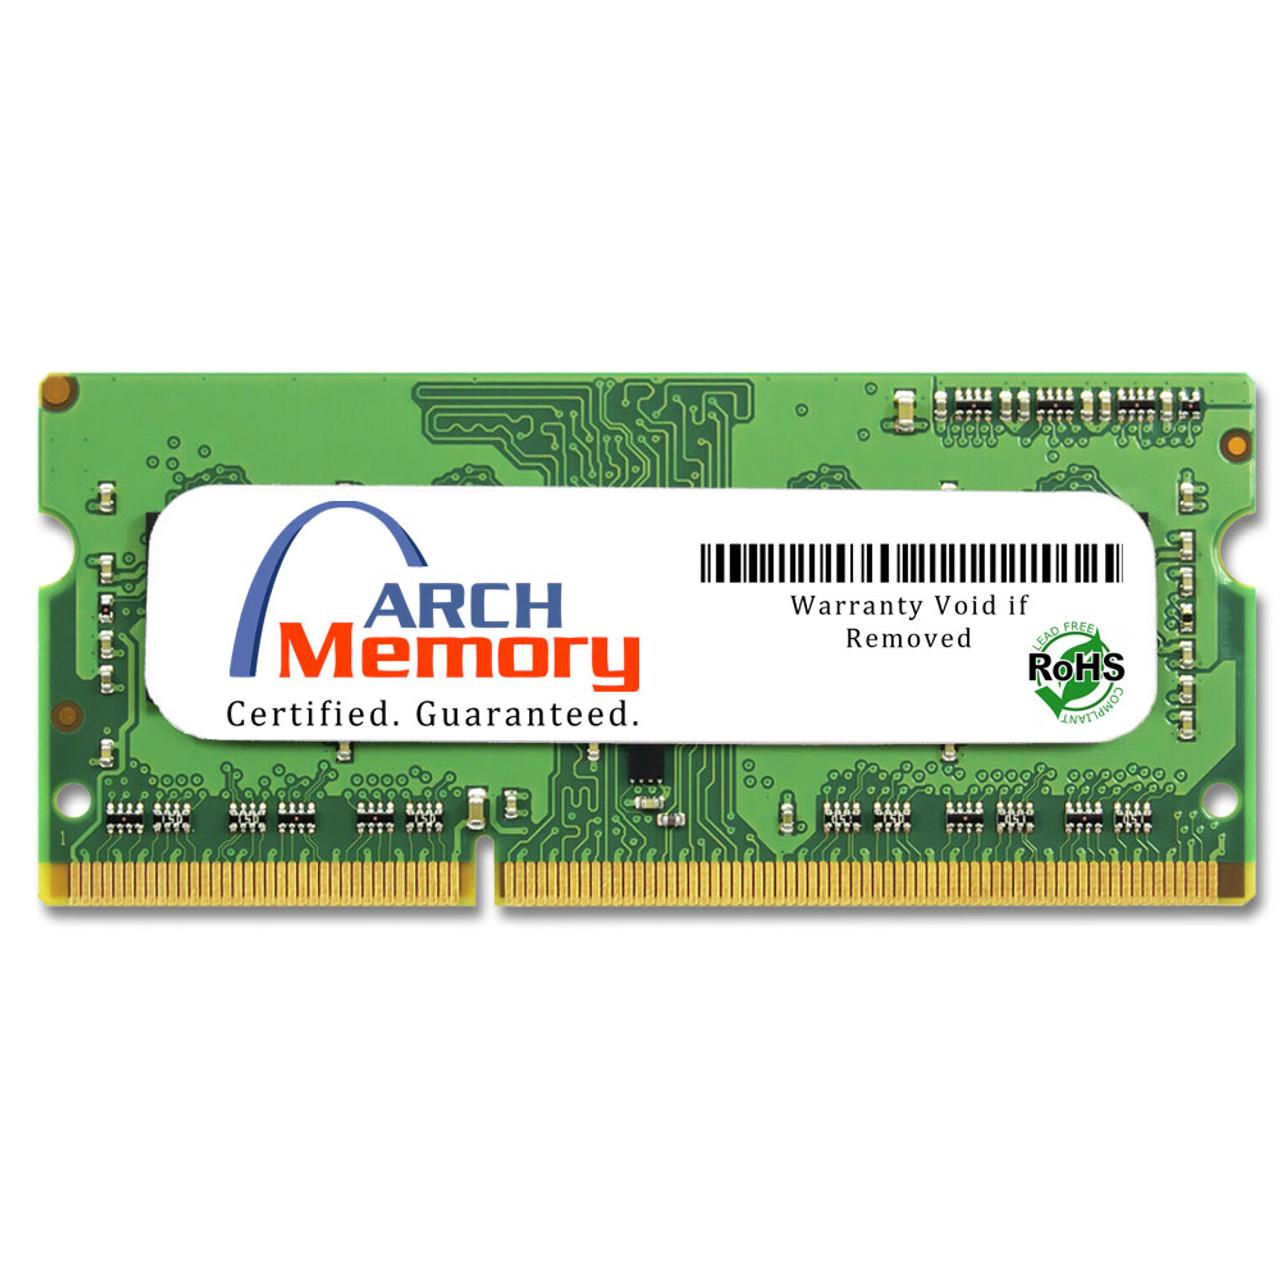 4GB 204-Pin DDR3L-1866 PC3L-14900 Sodimm 1.35v (1Rx8) RAM | Arch Memory